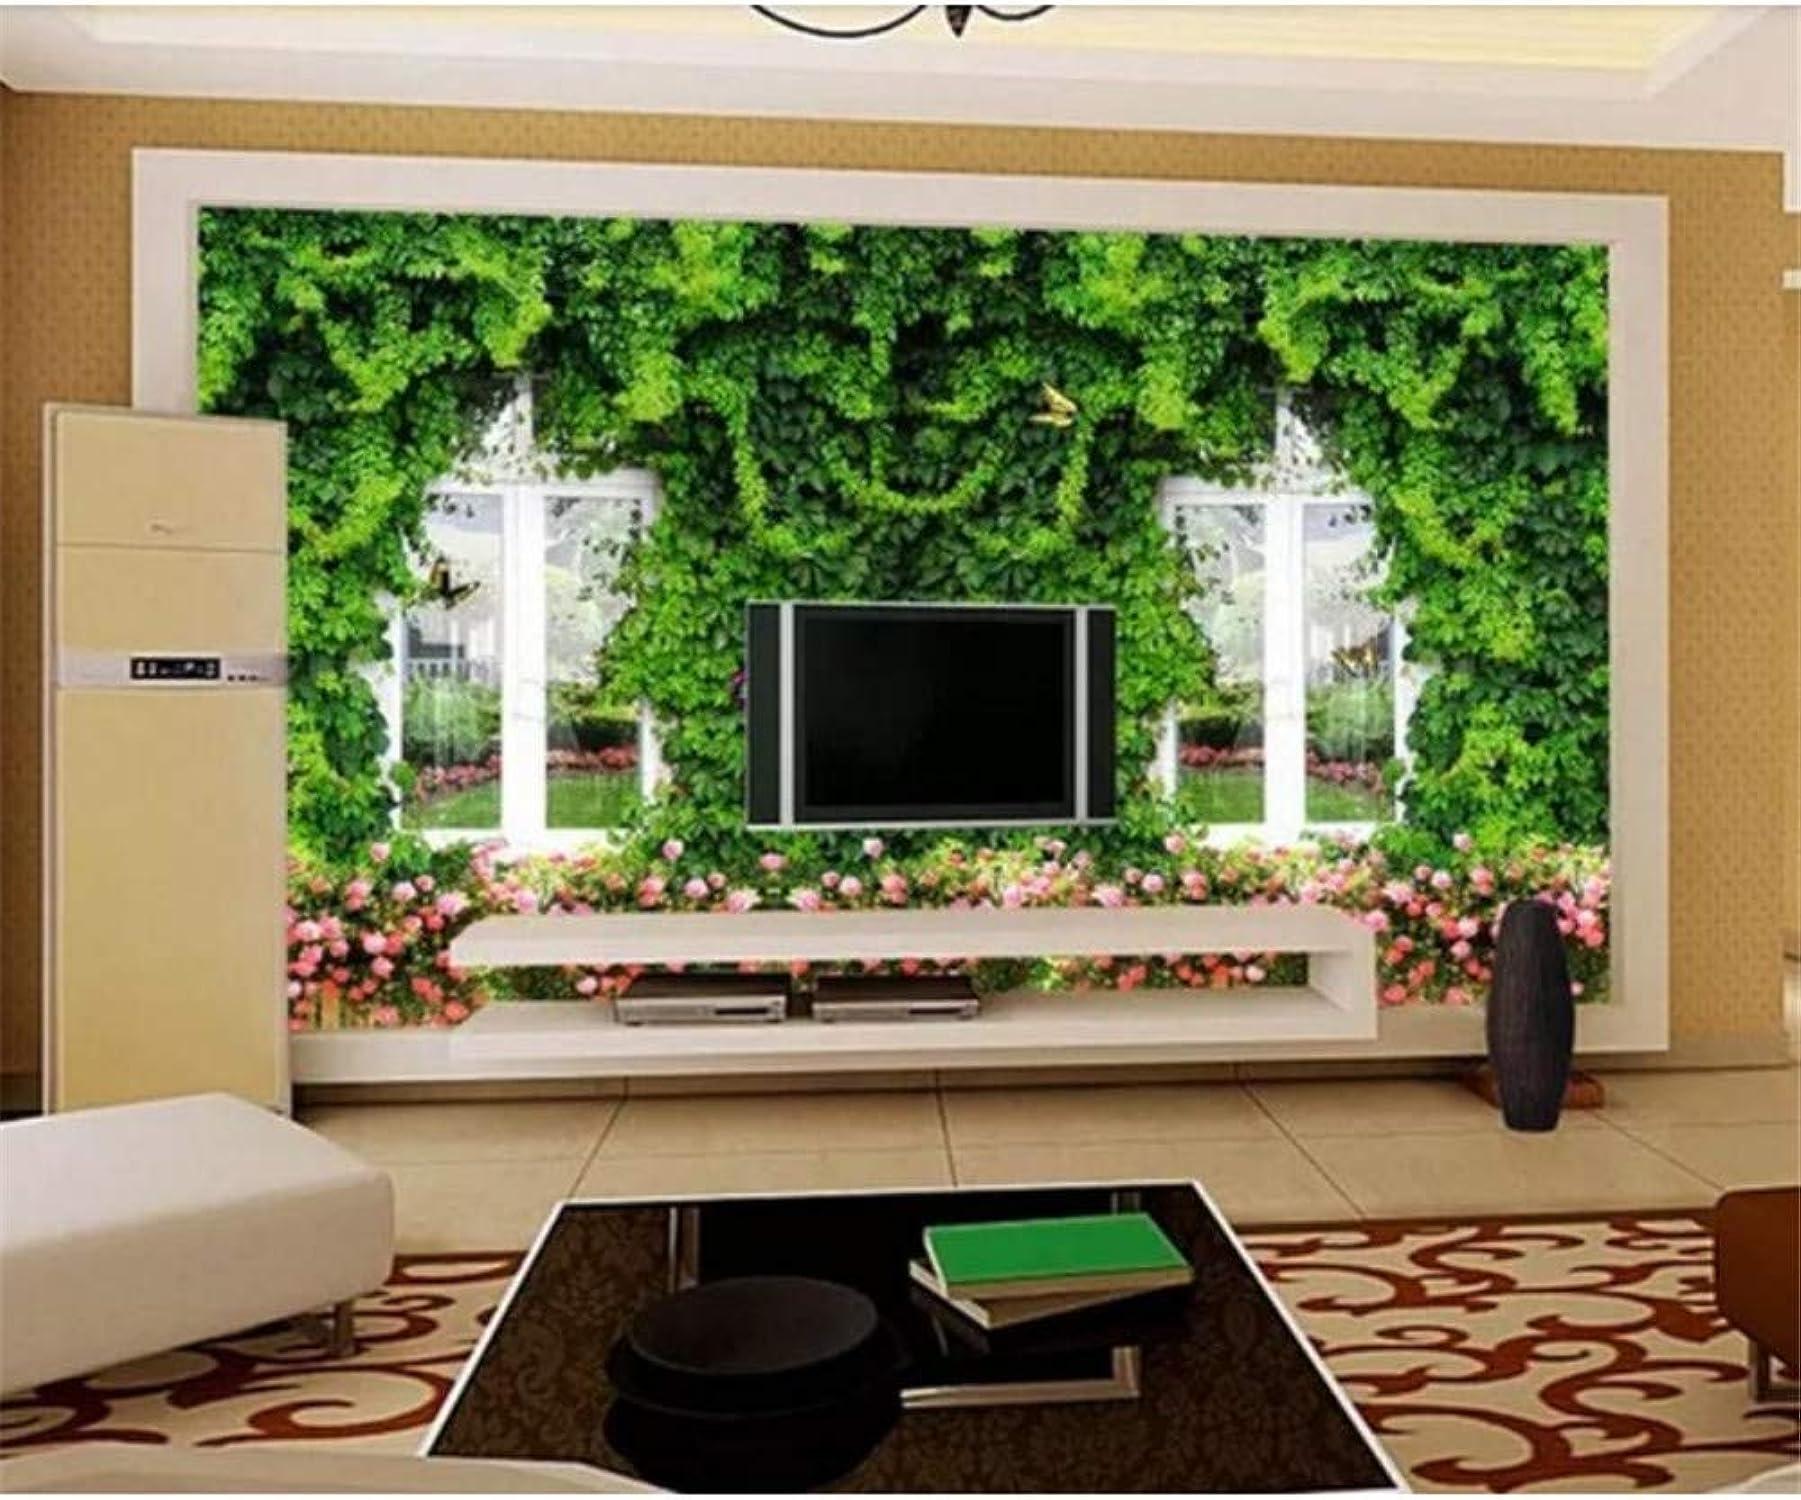 ¡no ser extrañado! Qqasd Papel tapiz 3D Foto Vine Vine Vine Papel tapiz 3D Paisaje Salón Dormitorio Mural 3D TV Telón de fondo-190X130CM  Compra calidad 100% autentica